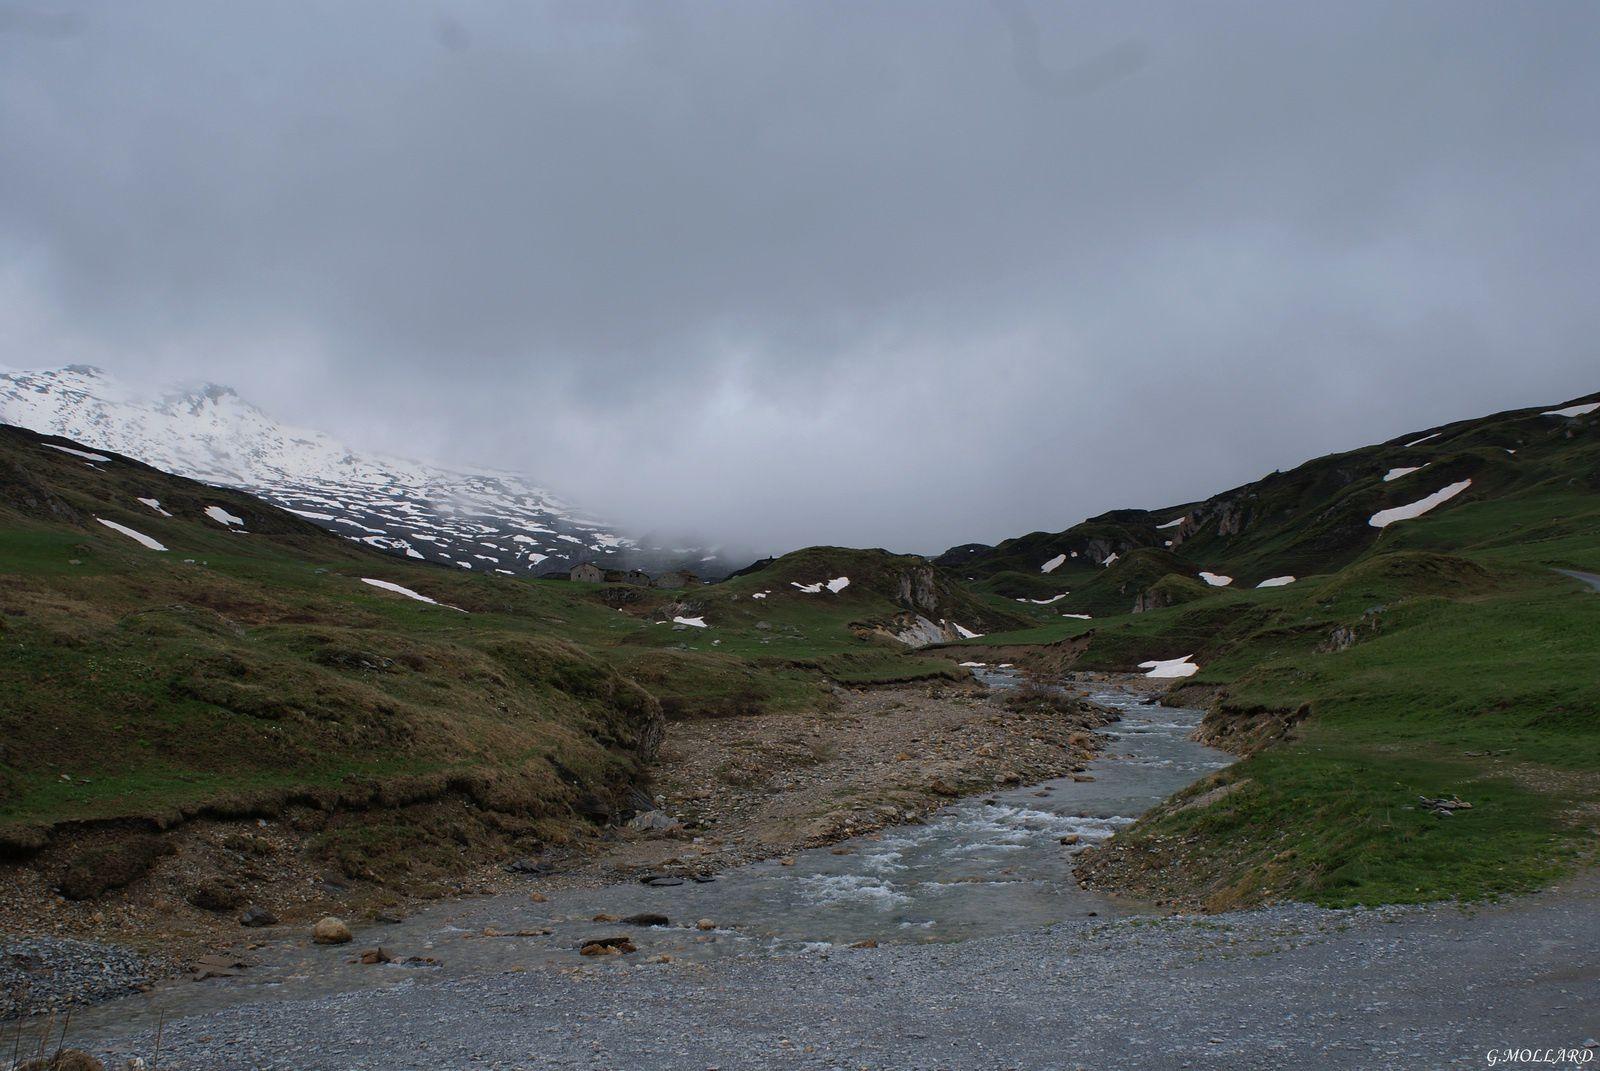 Tour du lac du mont cenis,Lanslebourg,haute Maurienne.